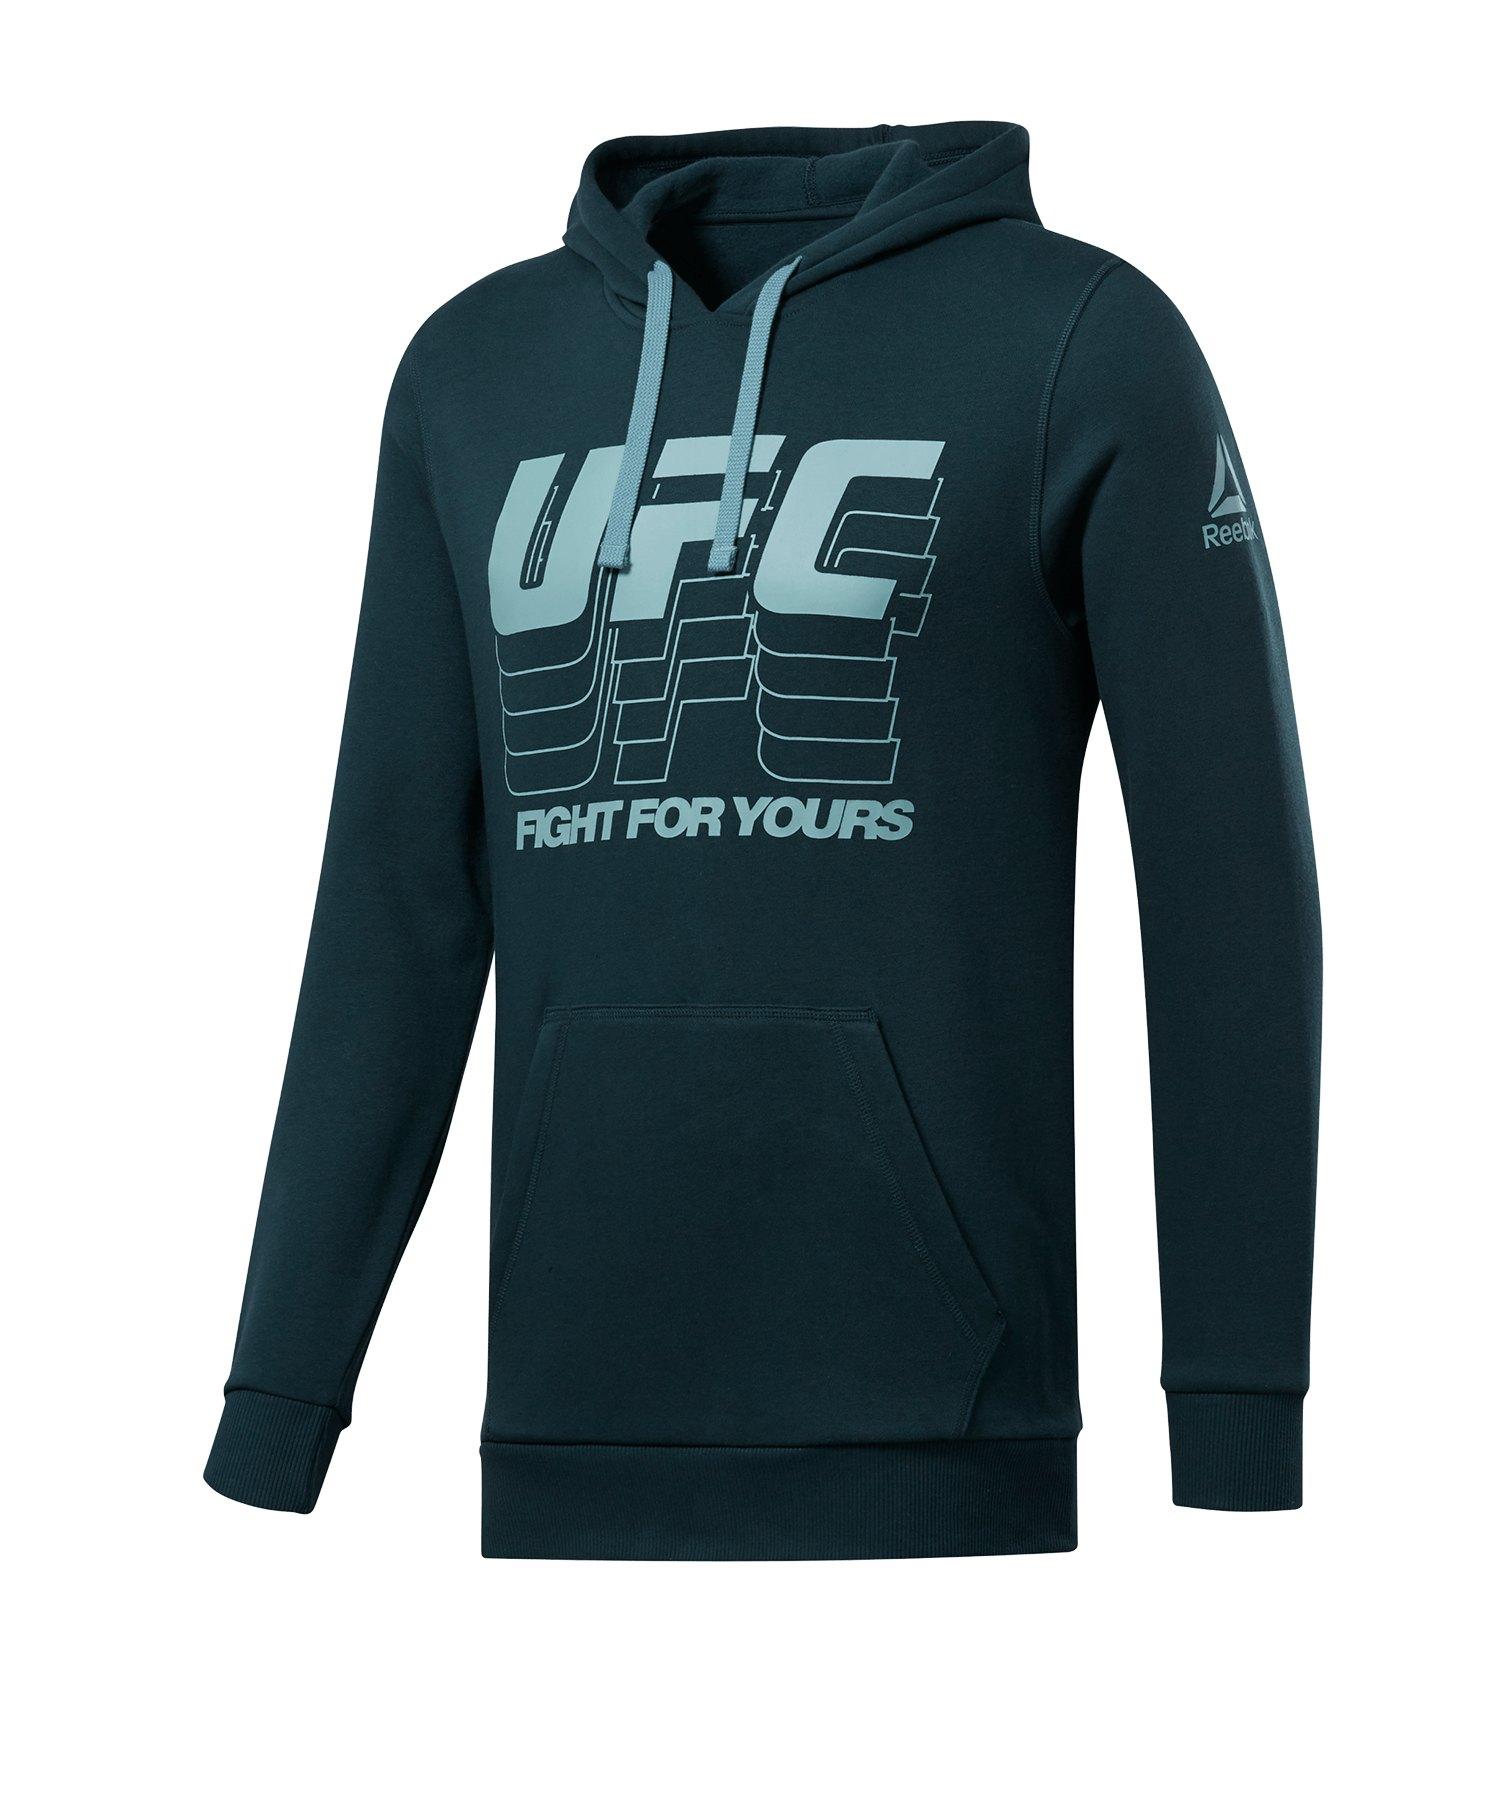 Reebok UFC FG Hoody Grün - gruen